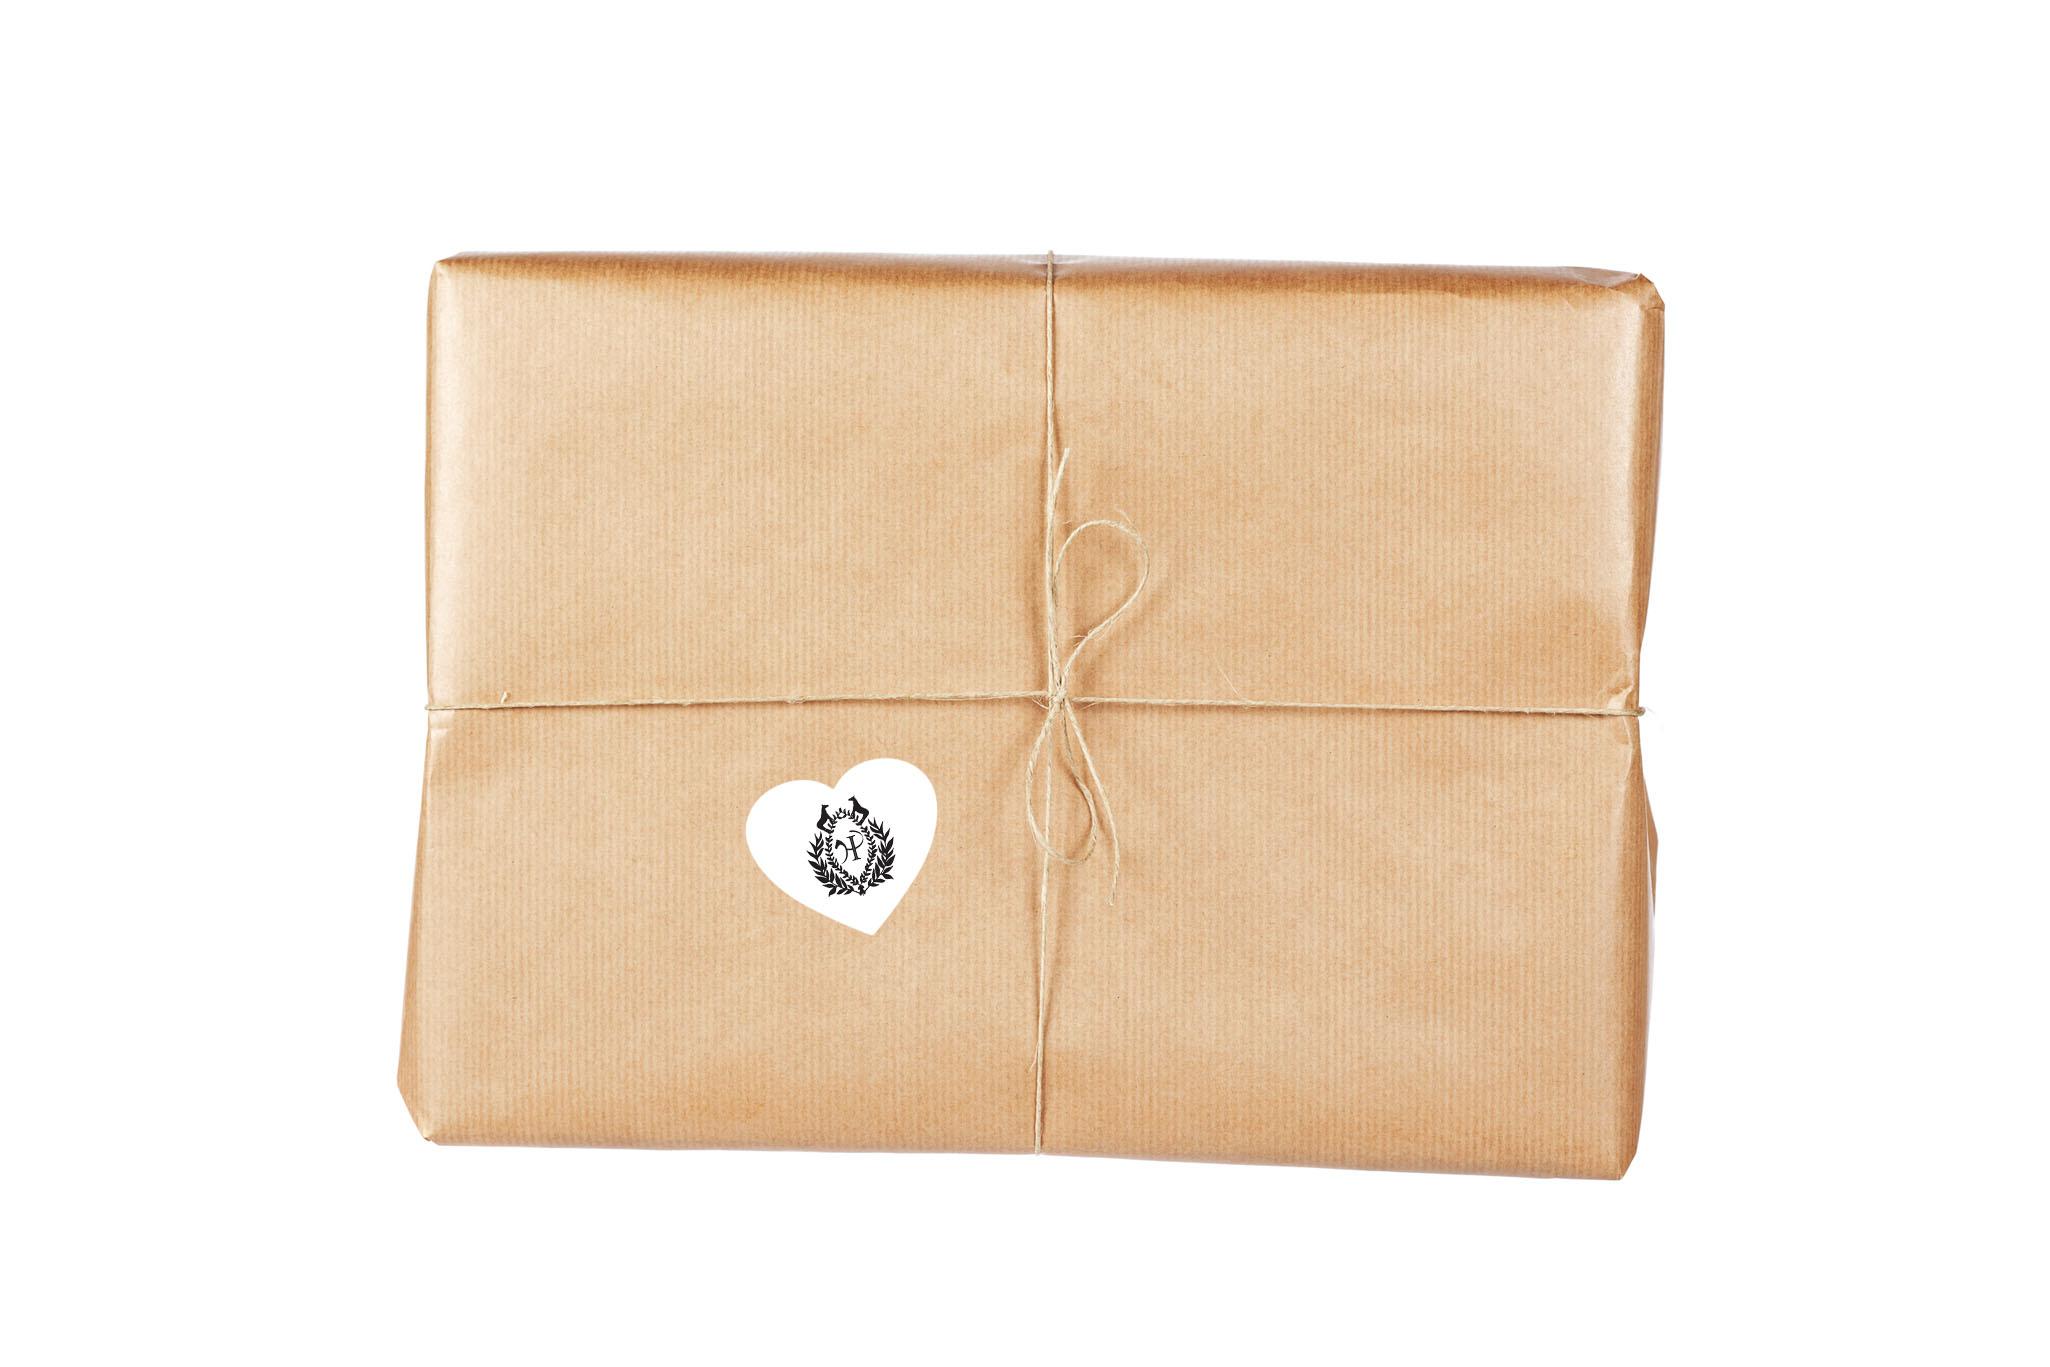 herpony-package.jpg